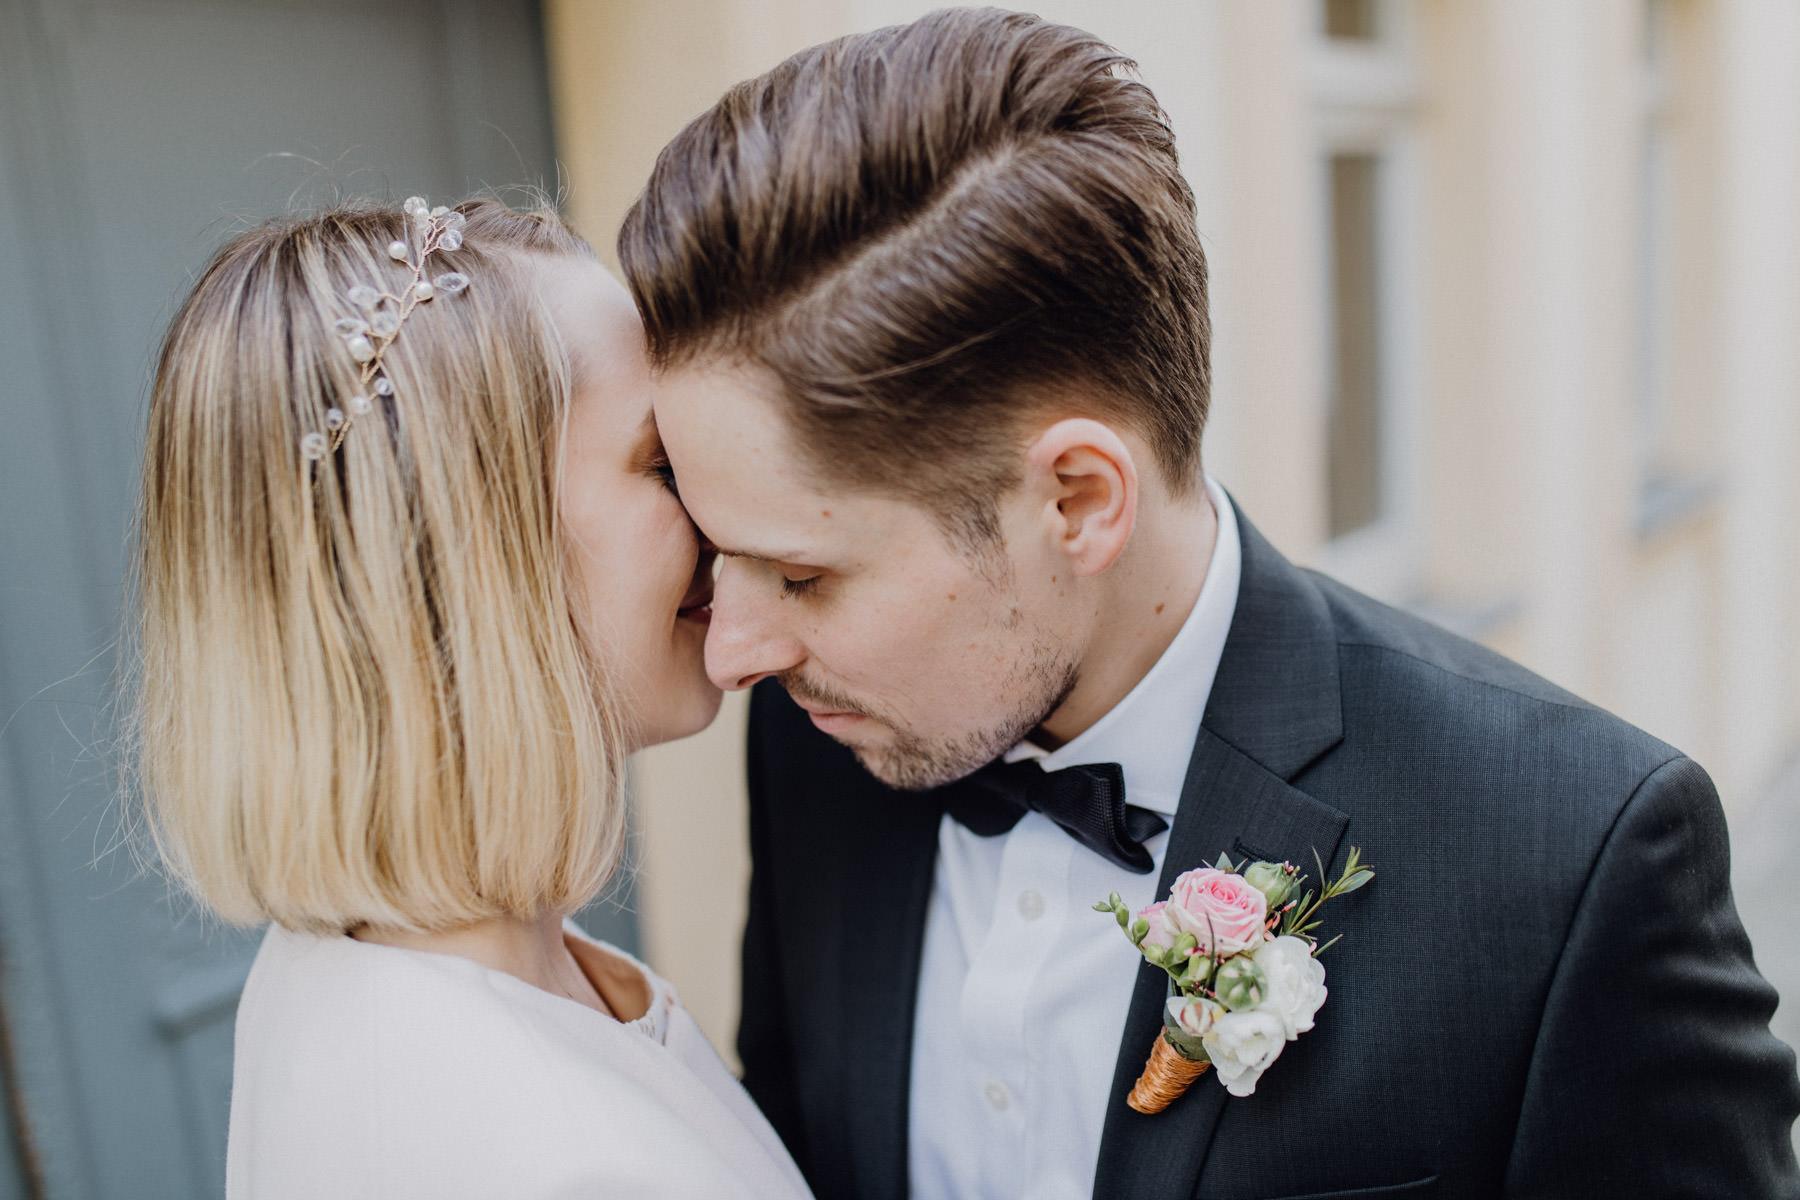 Momentaufnahme eines Hochzeitspaares